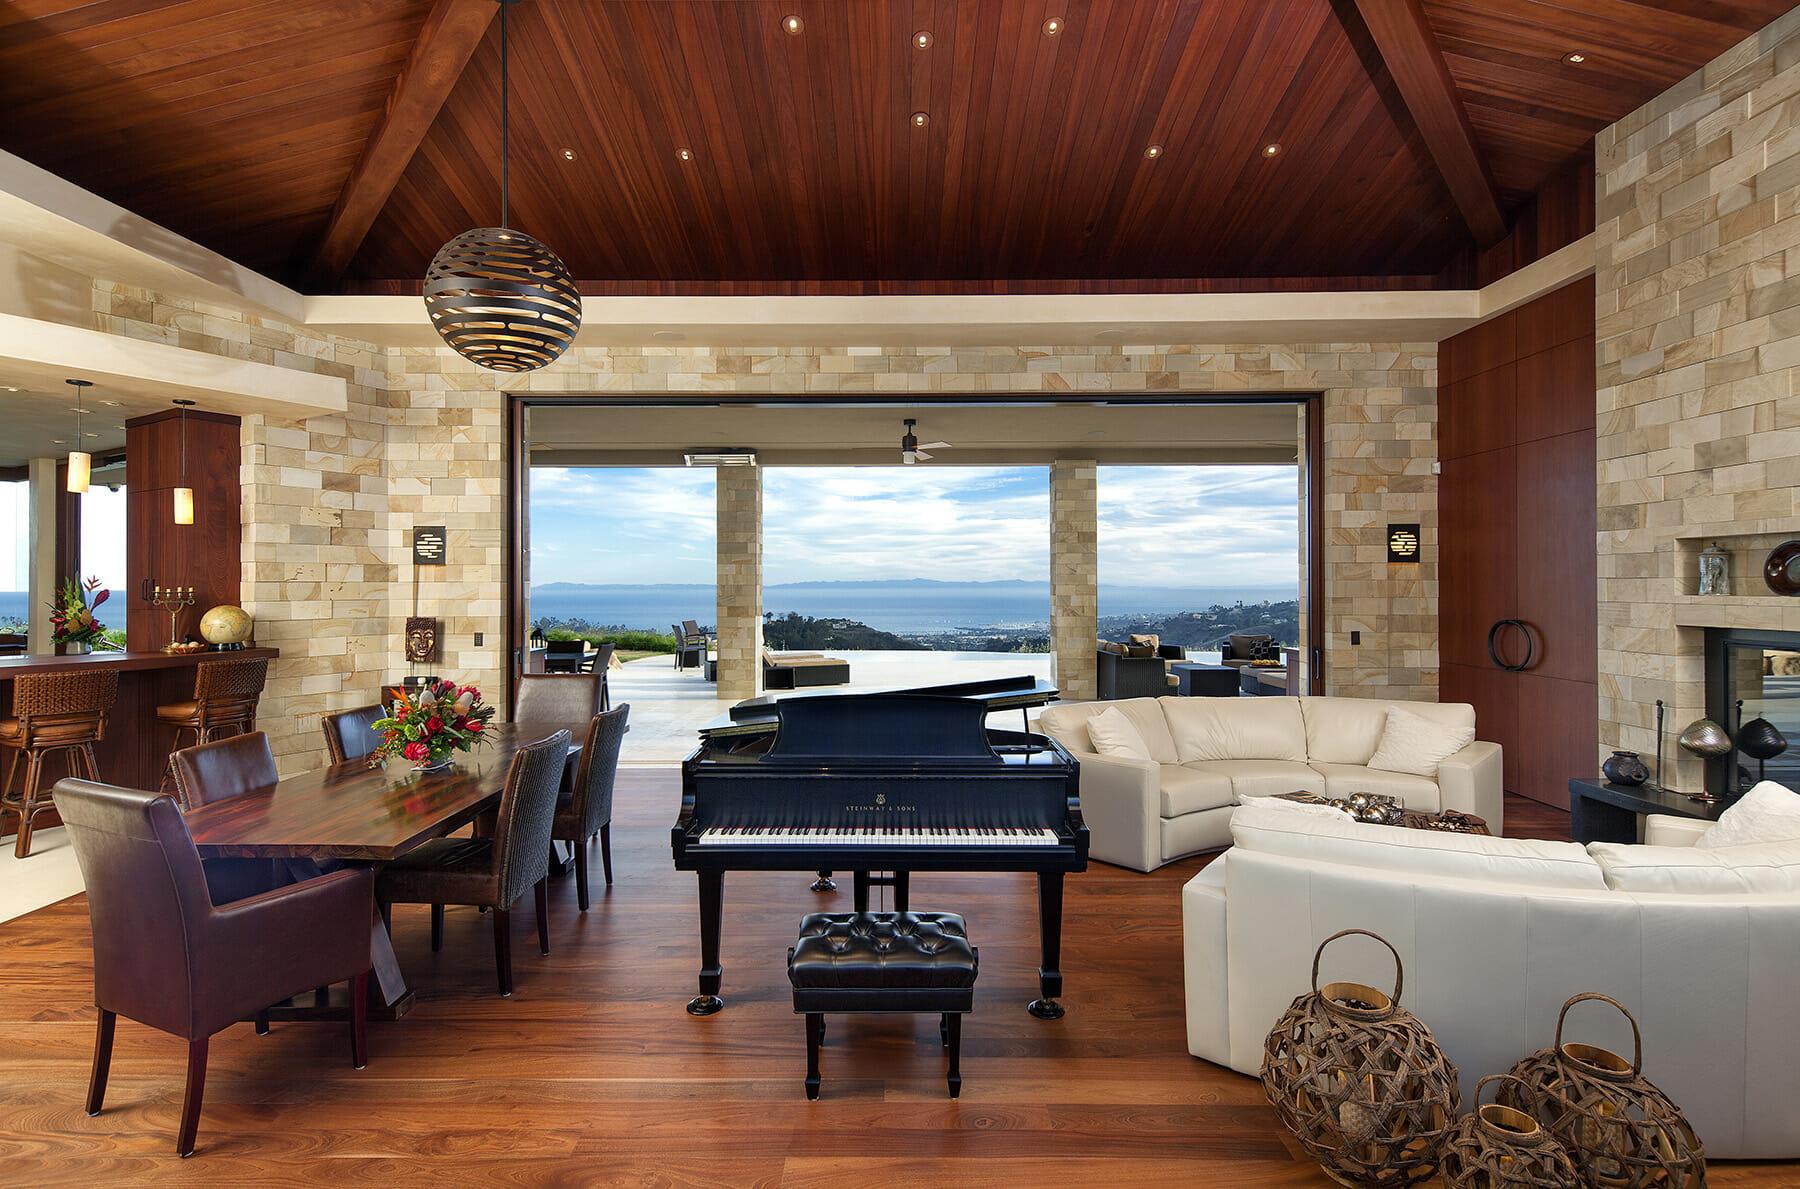 Modern Indoor Outdoor Living (12) living room through